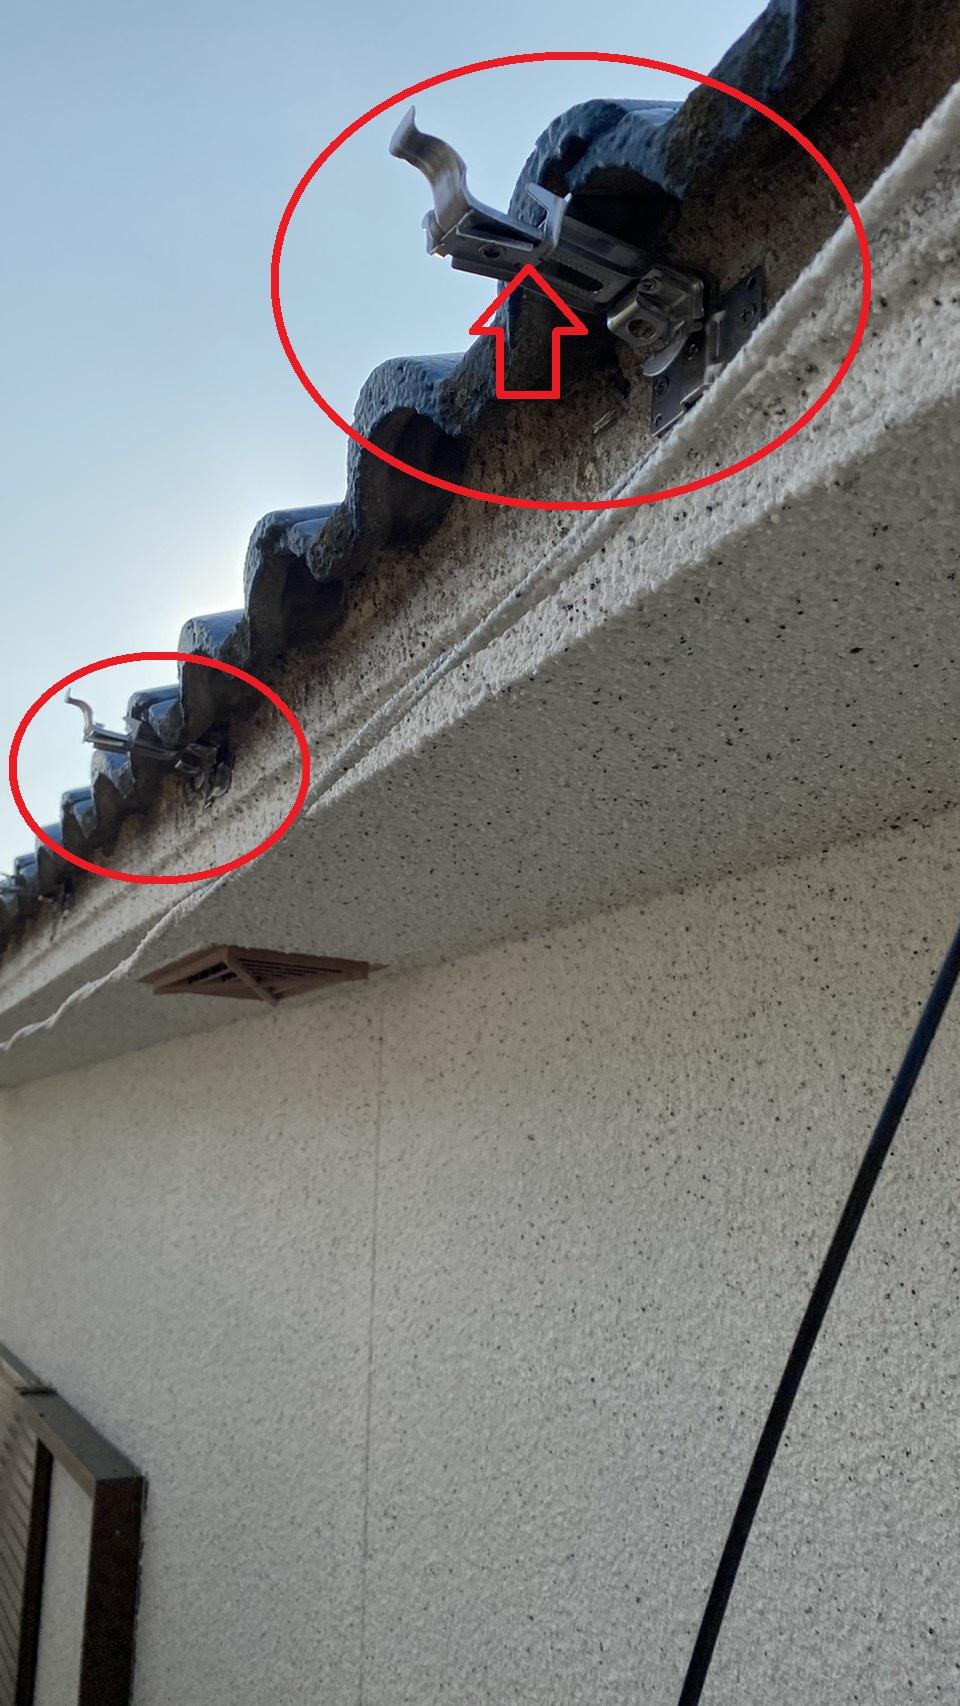 三木市での雨樋修理で使用した新しい軒樋の受け金具